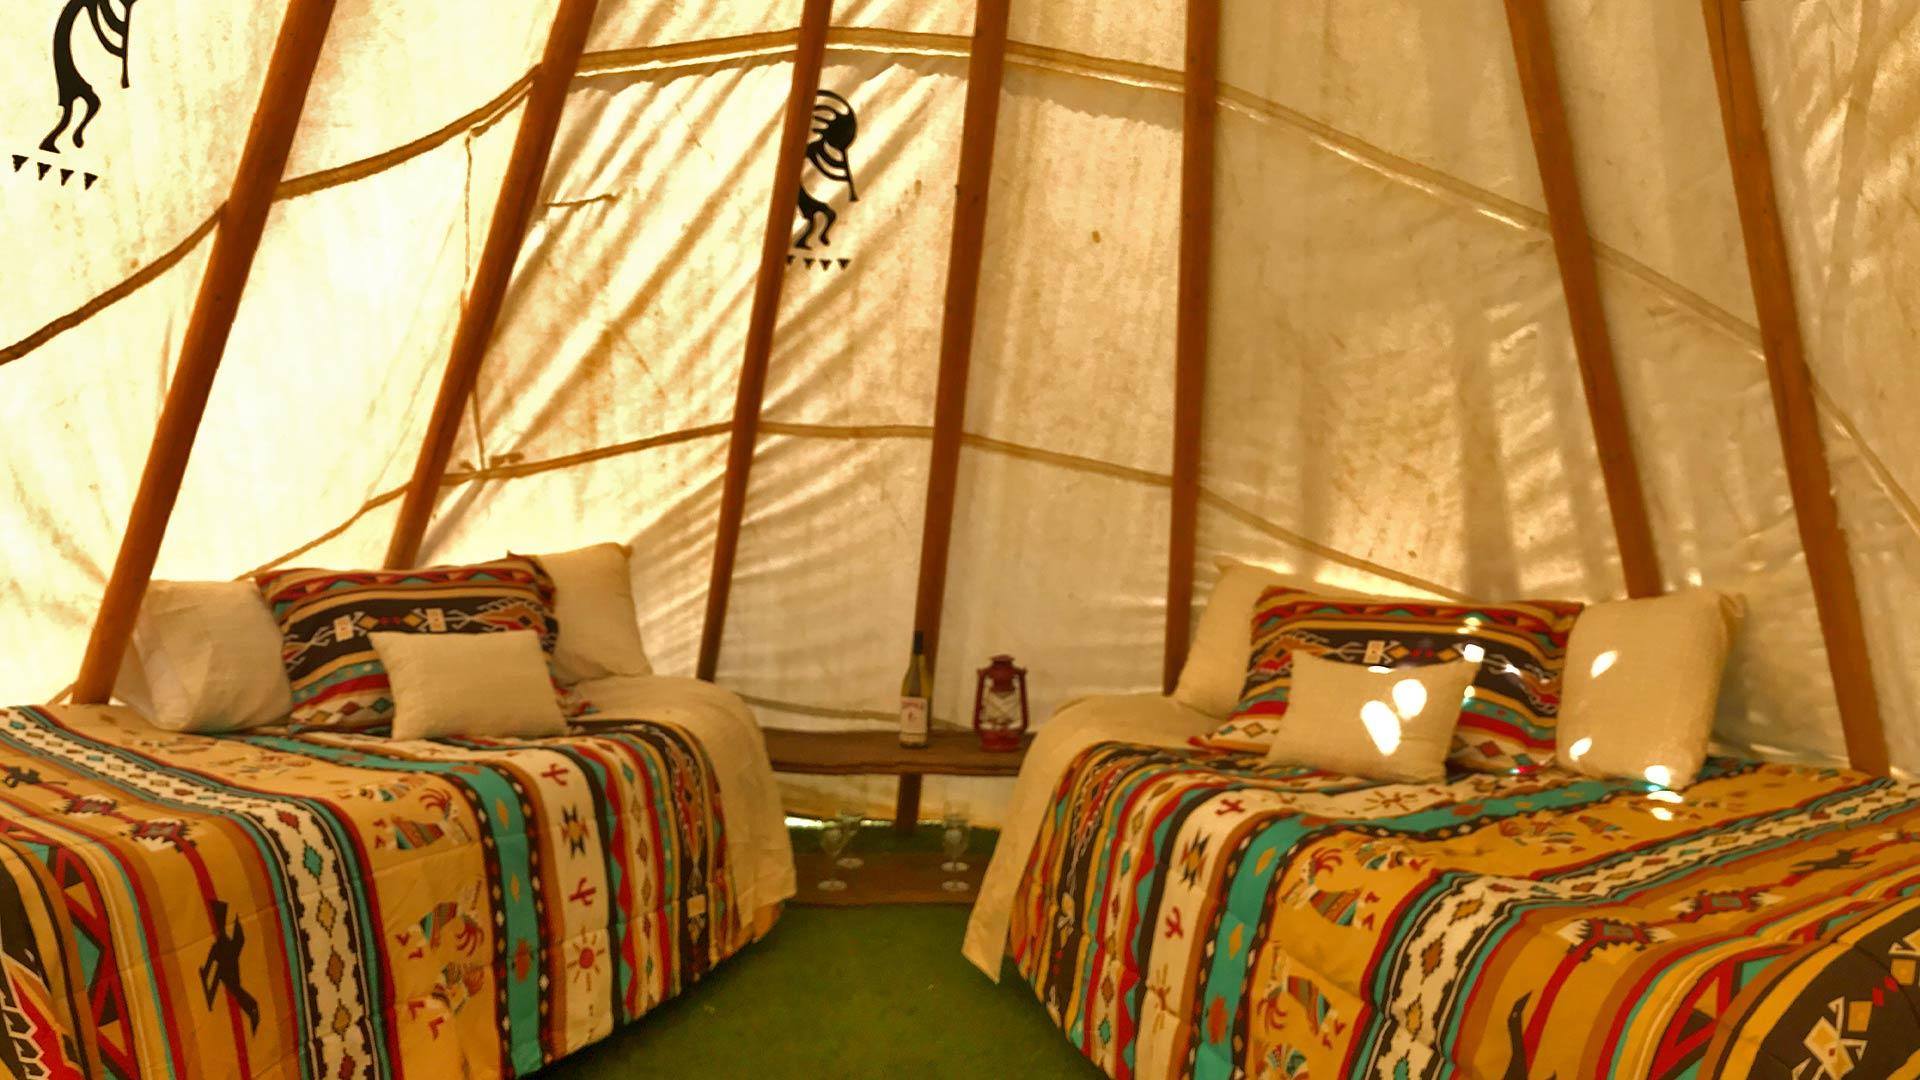 2 beds inside the tee pee